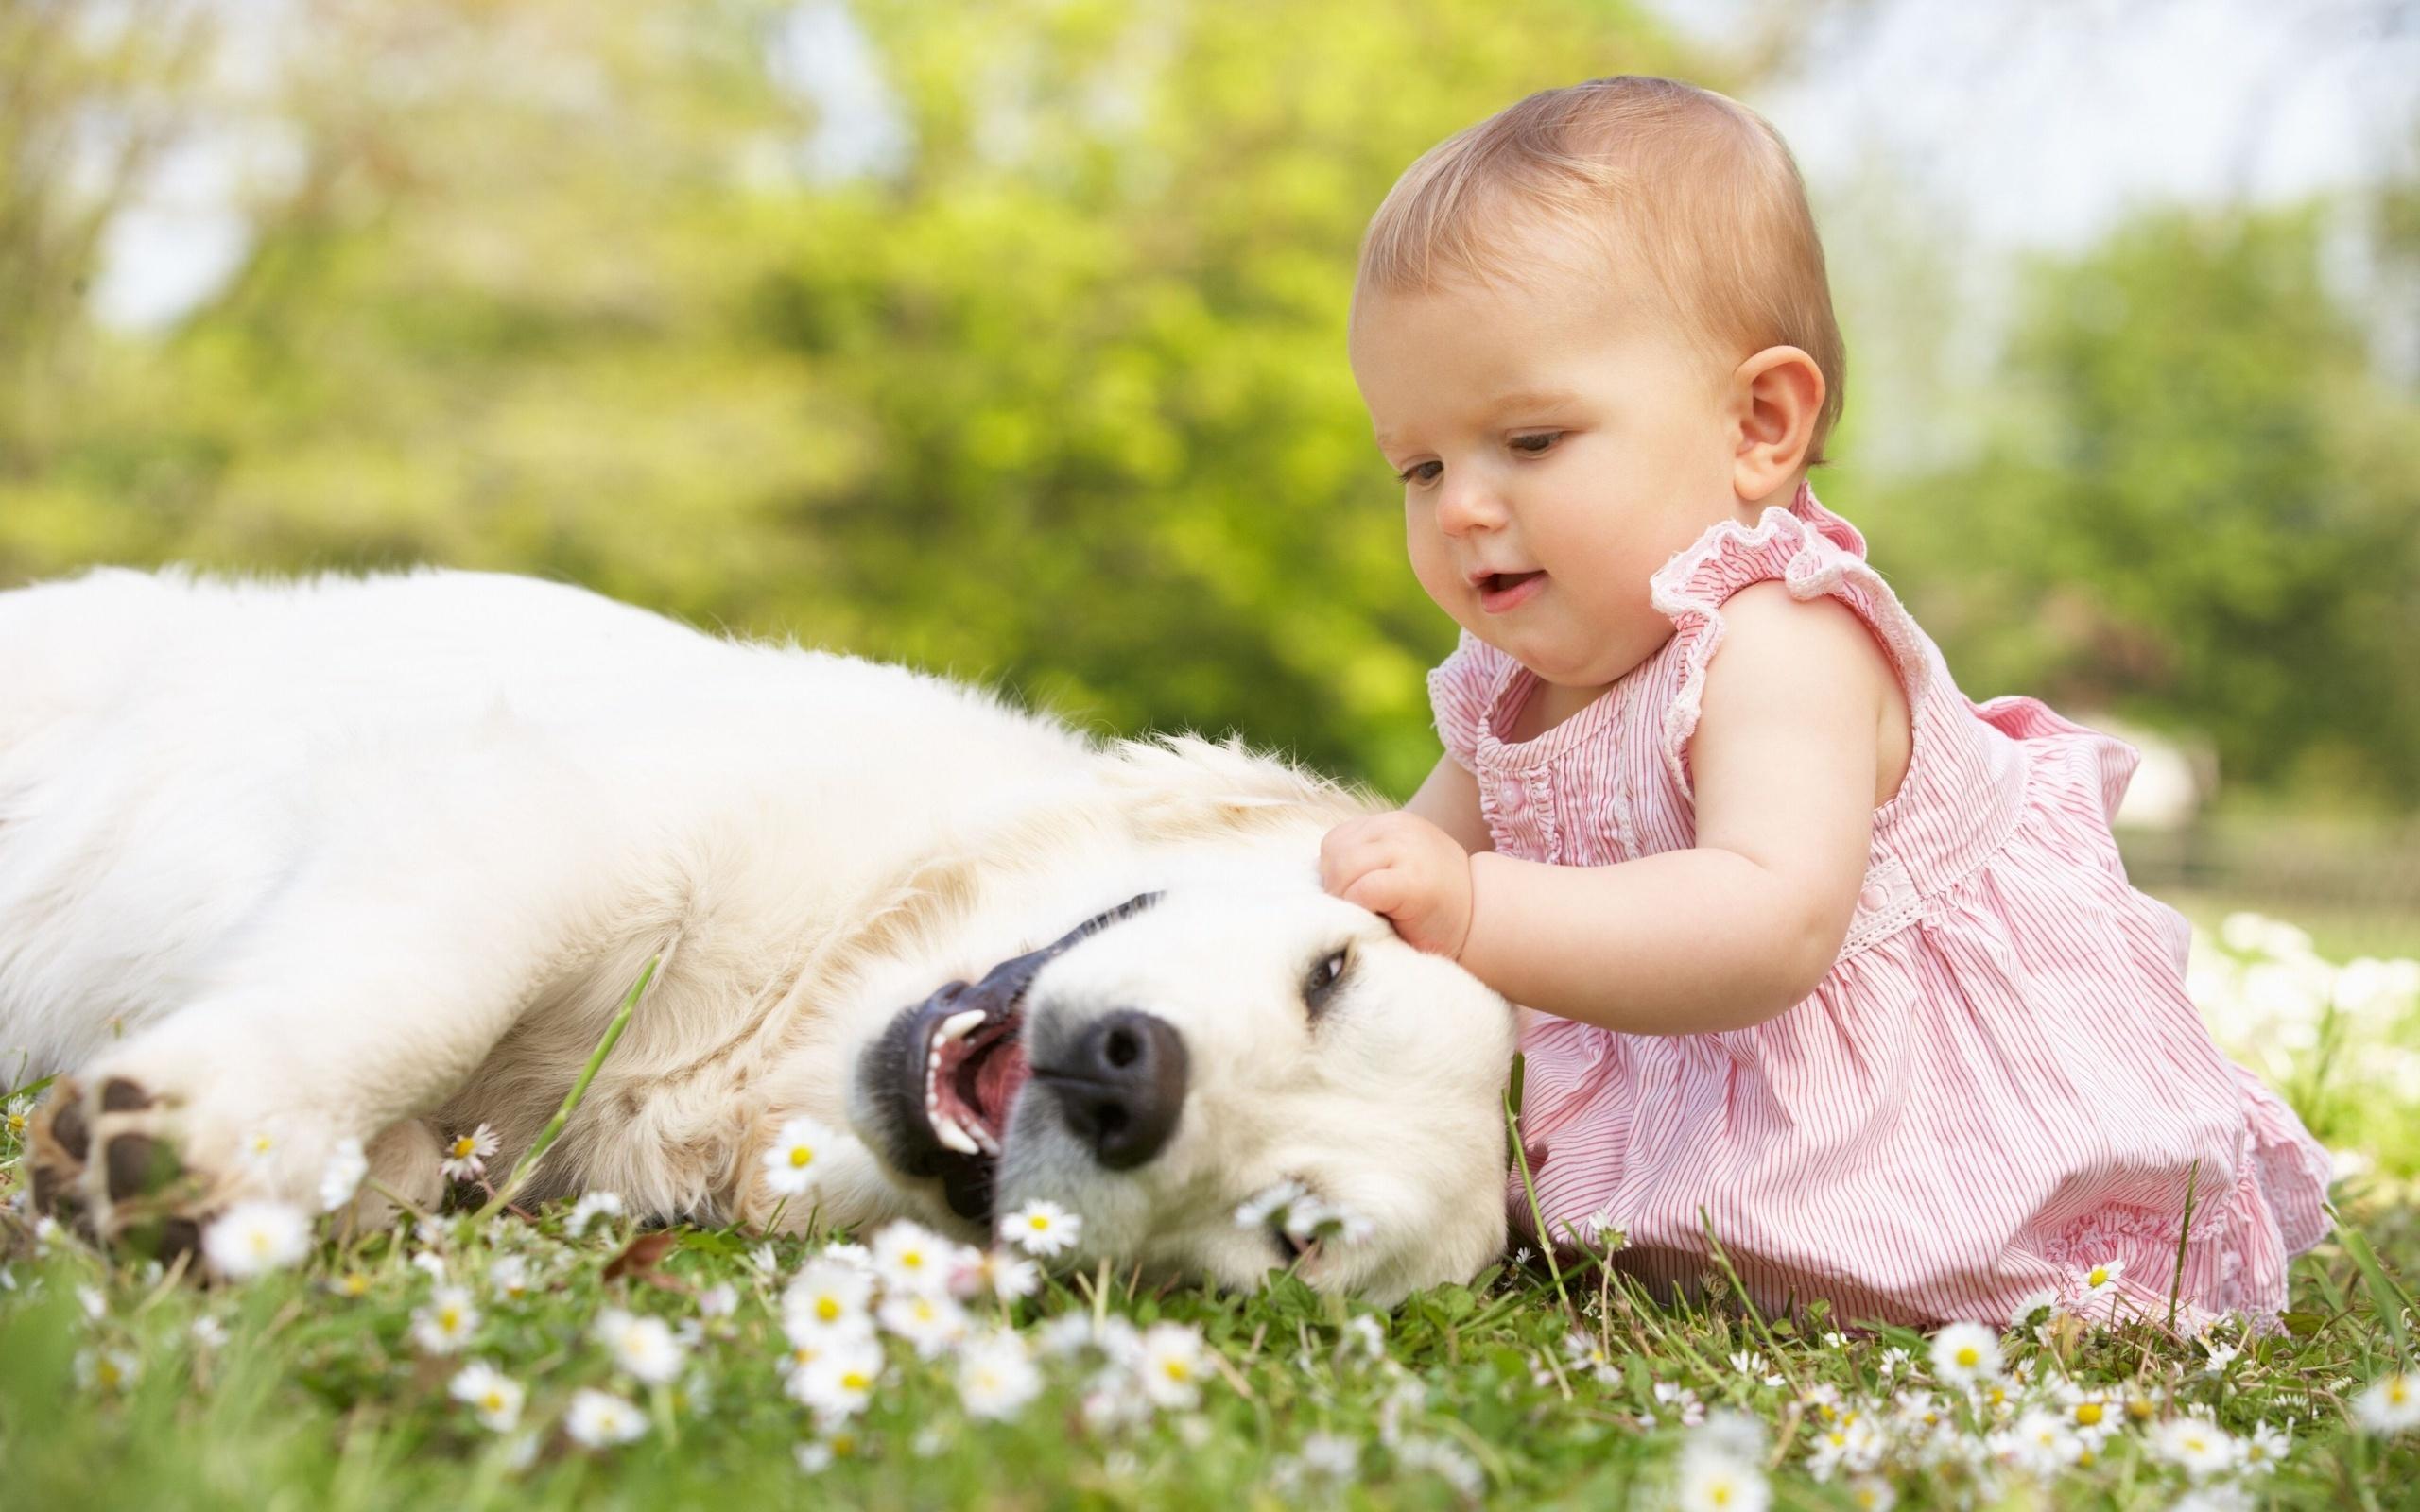 природа животные собака девочка жизнь nature animals dog girl life  № 3951006 без смс